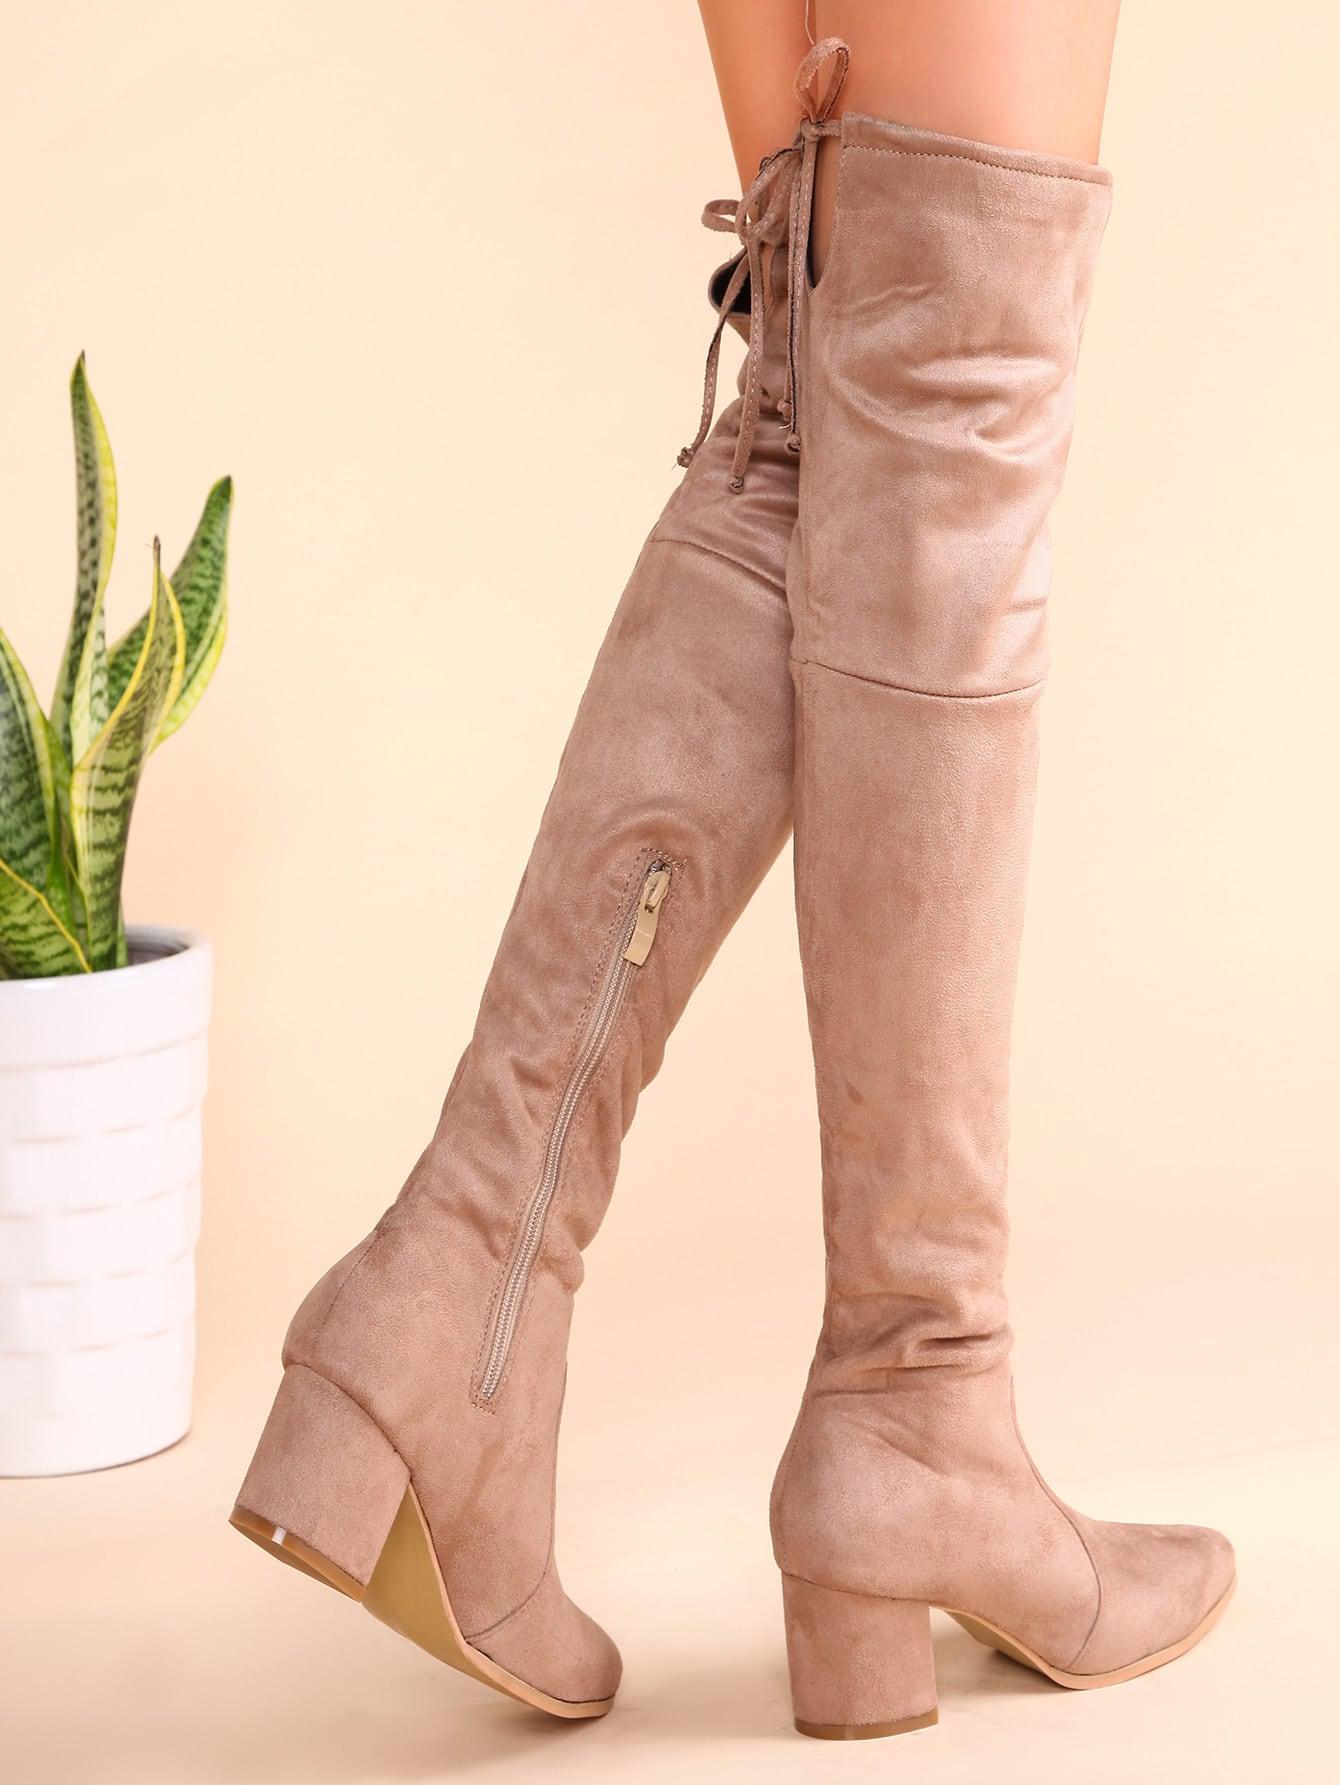 shoes161110808_2